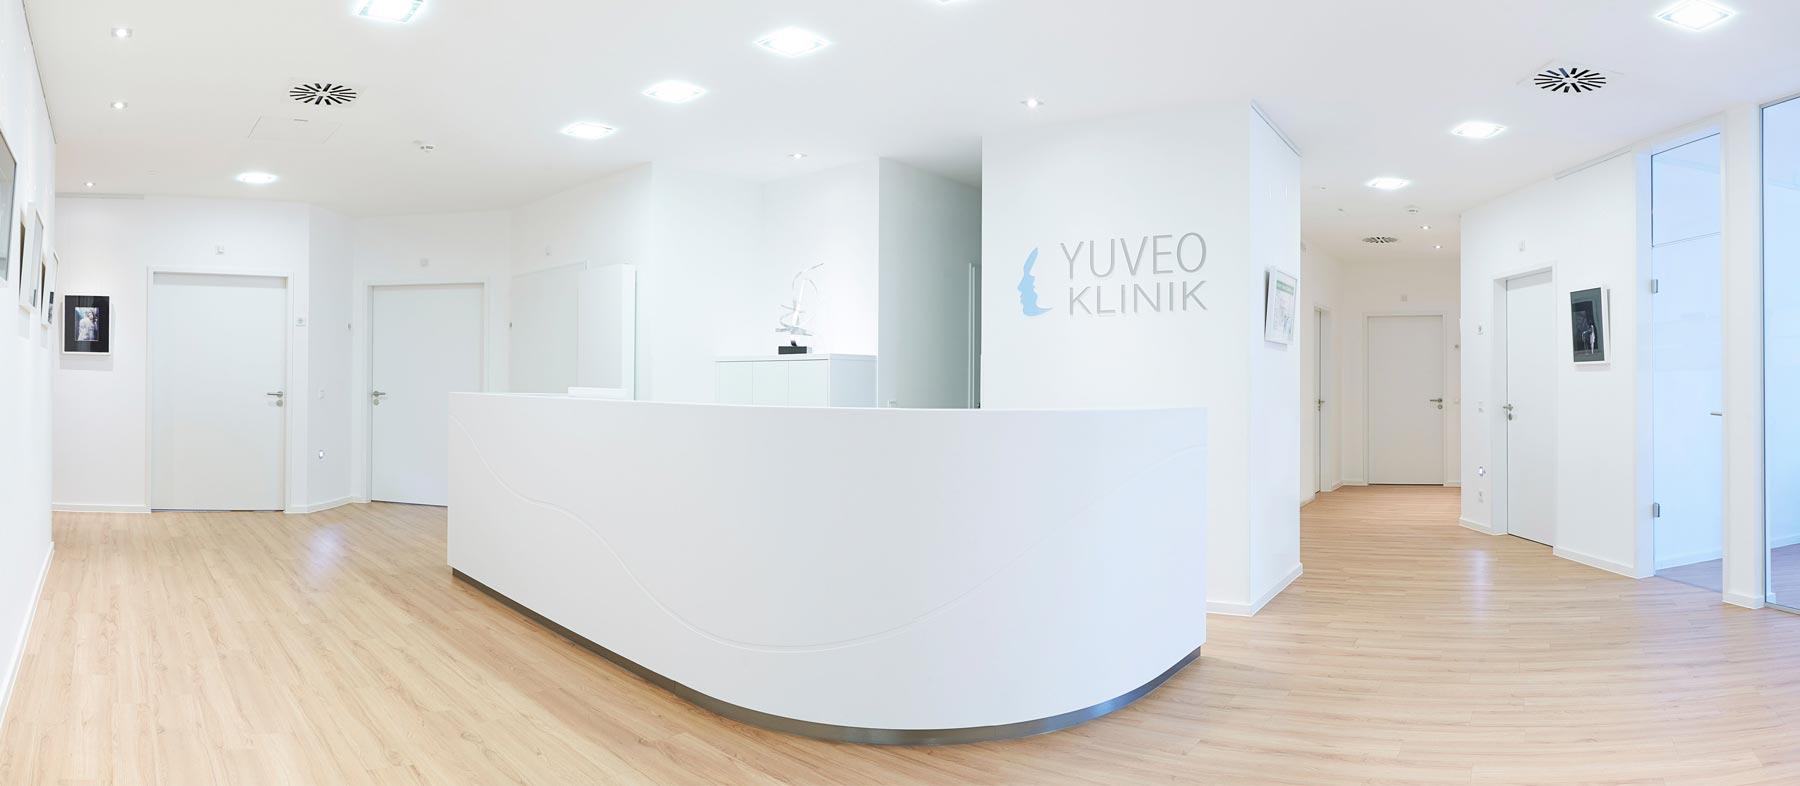 Empfang in der Yuveo Klinik Düsseldorf